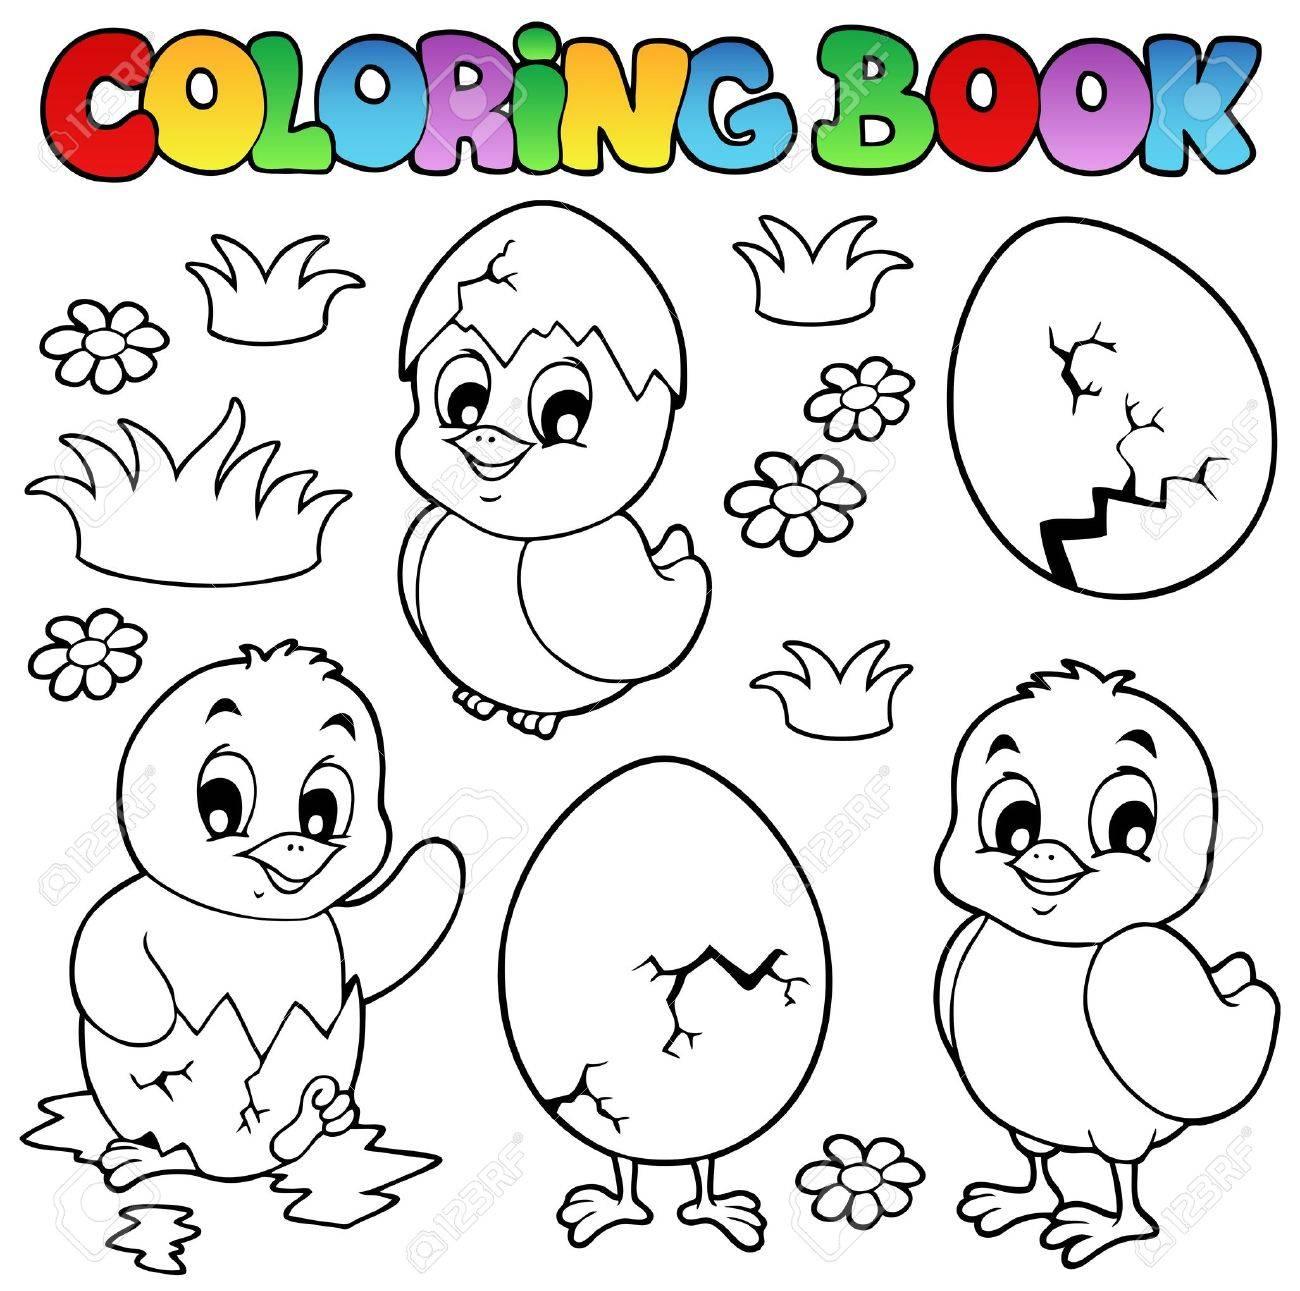 Libro Para Colorear Con Los Pollos Lindos - Ilustración Vectorial ...